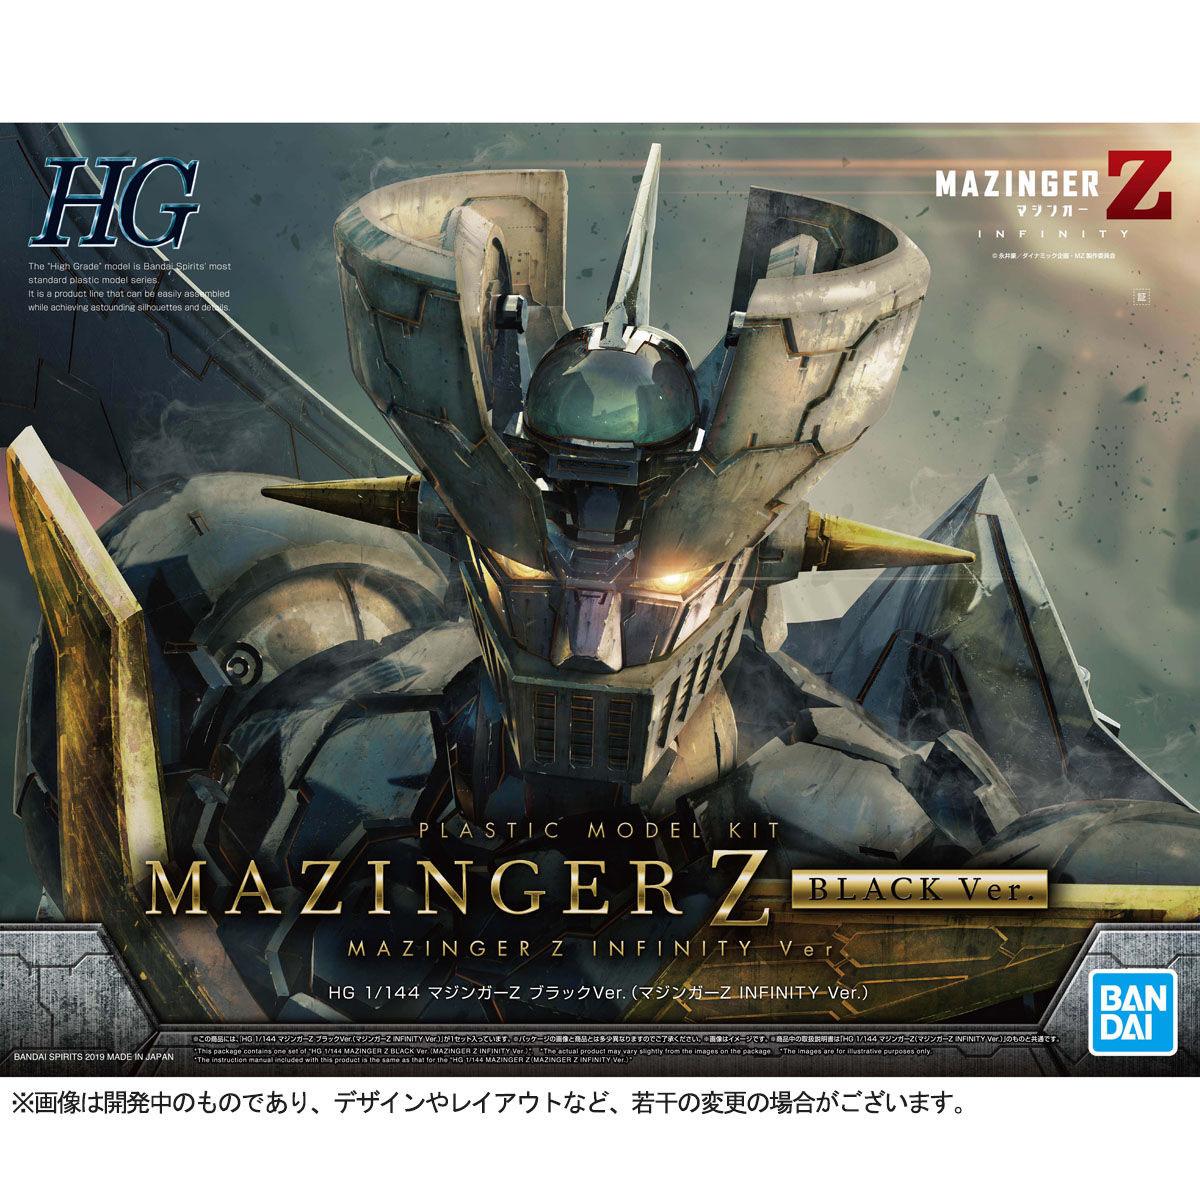 【限定販売】HG 1/144『マジンガーZ ブラックVer.(マジンガーZ INFINITY Ver.)』プラモデル-009